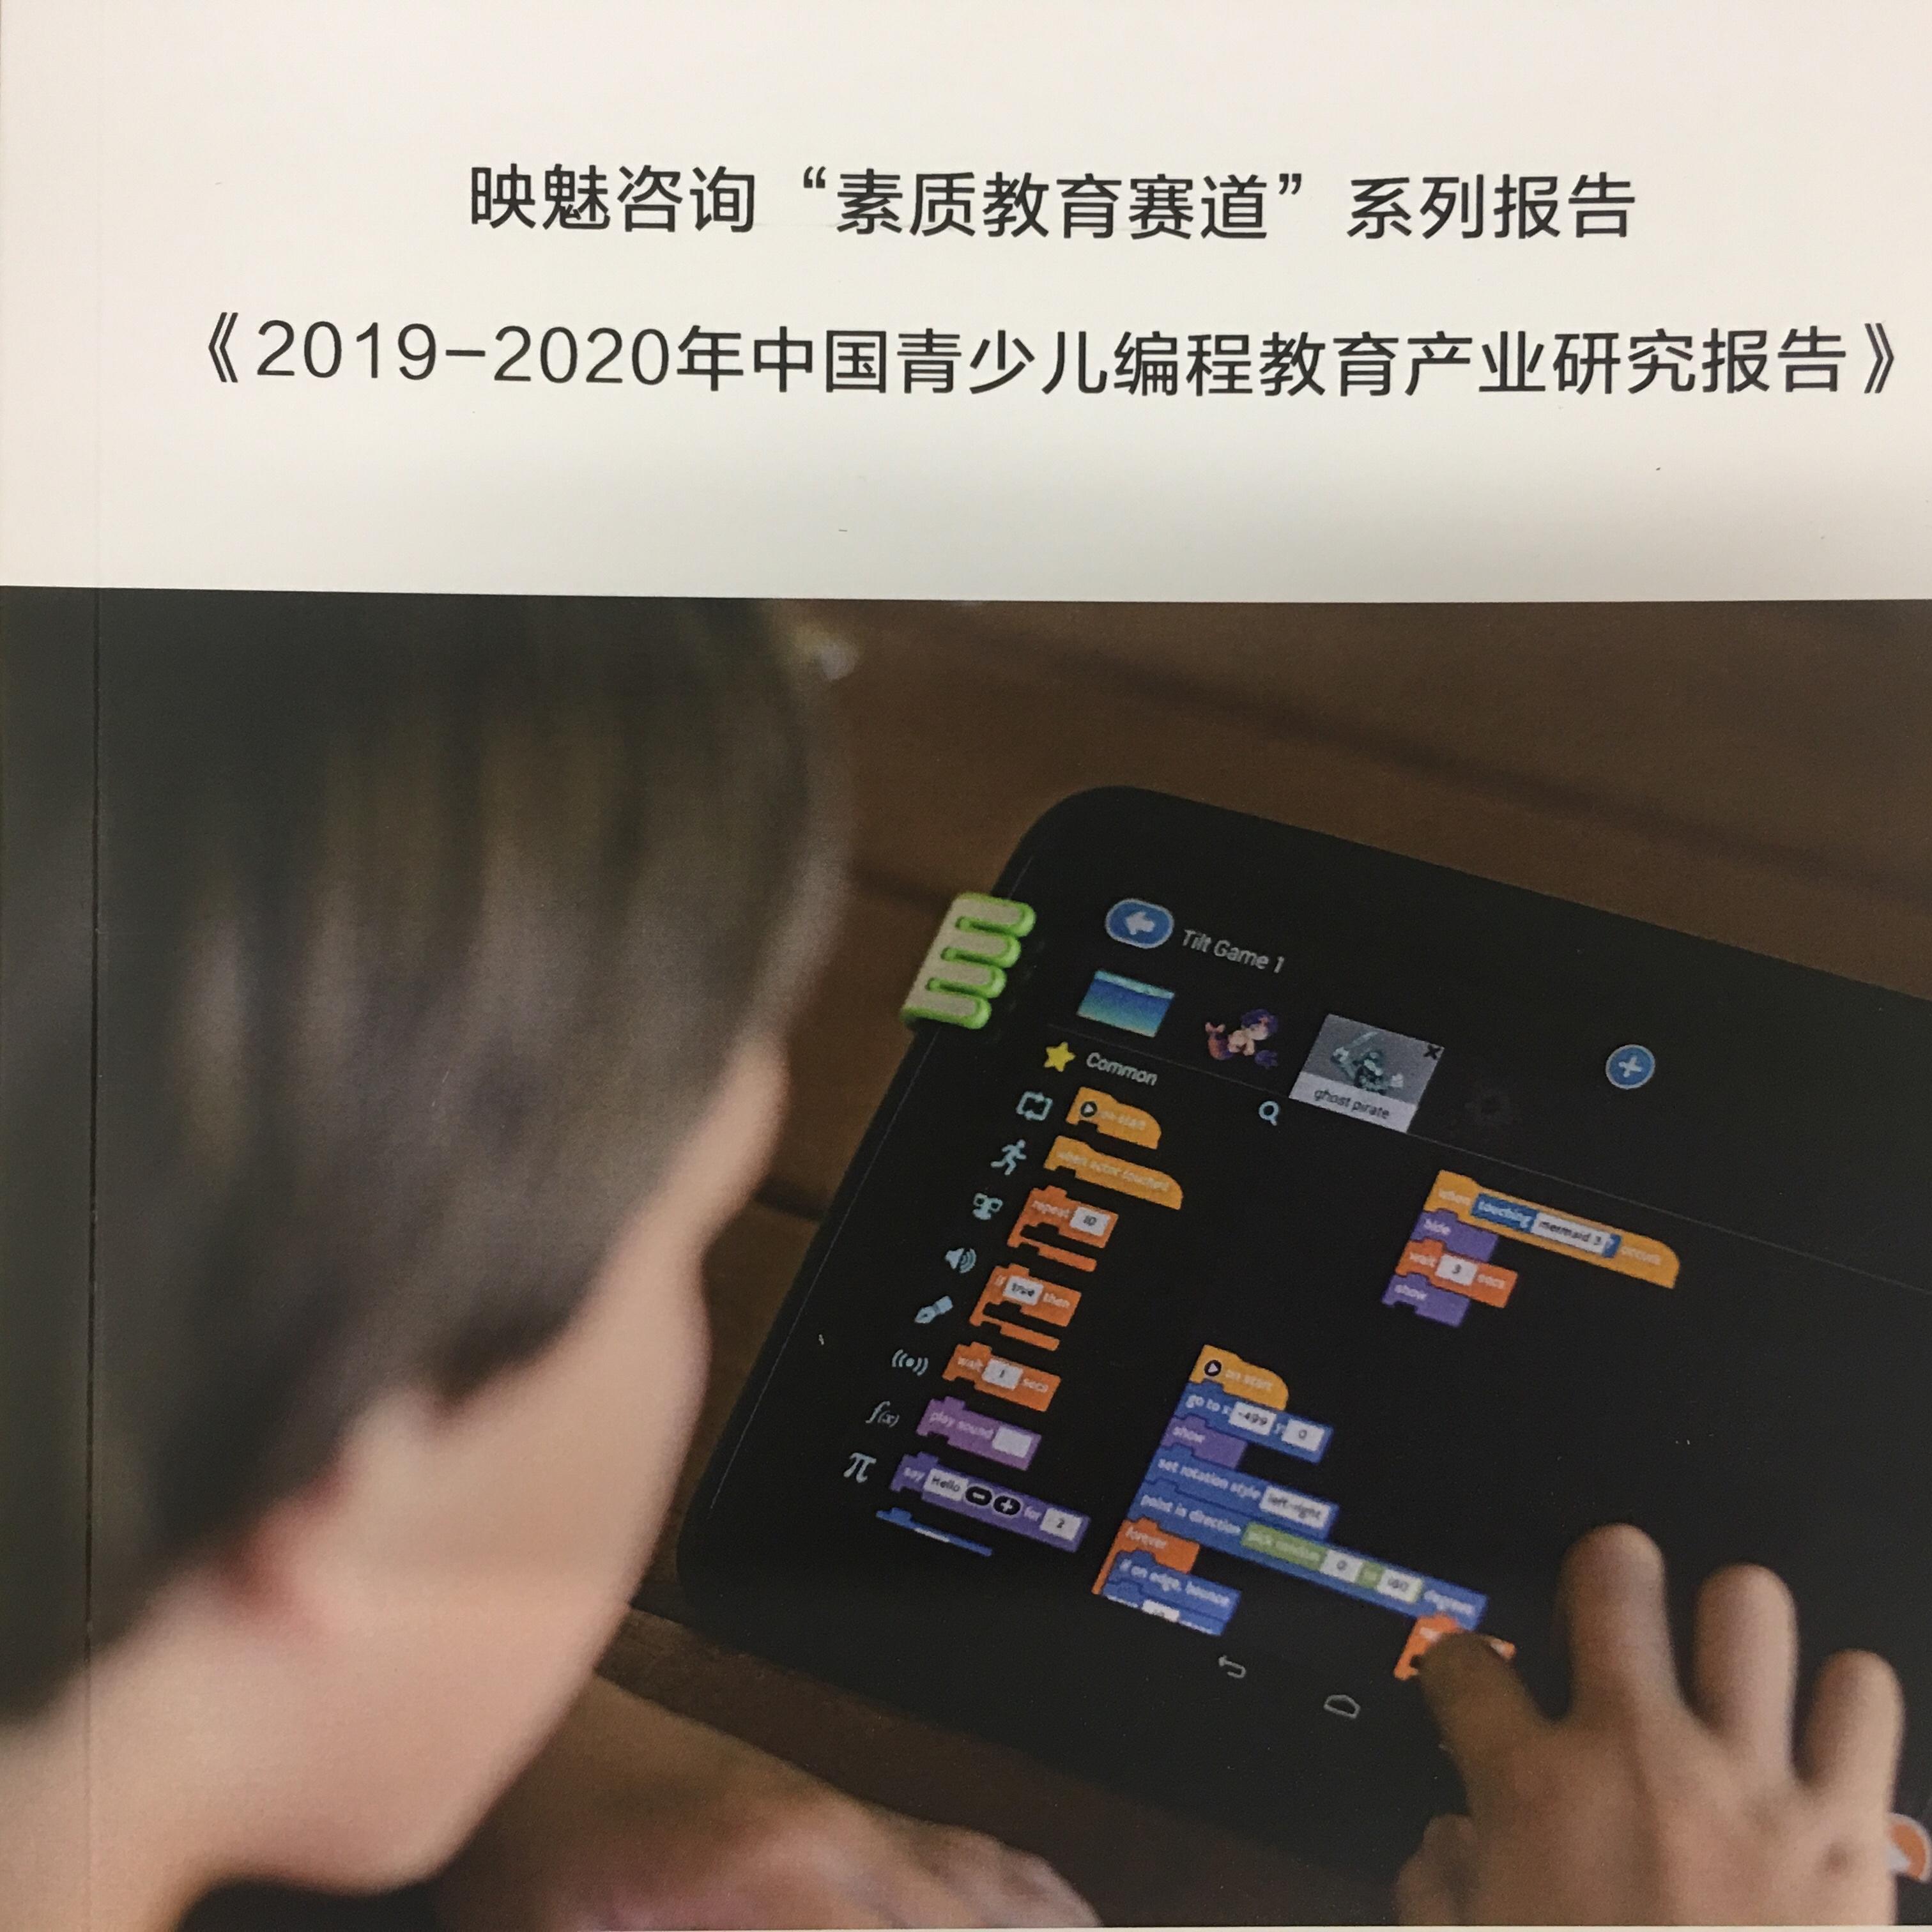 映魅咨询发布《2019-2020年中国青少儿编程教育产业研究报告》,青少儿编程教育的昨天,今天和明天